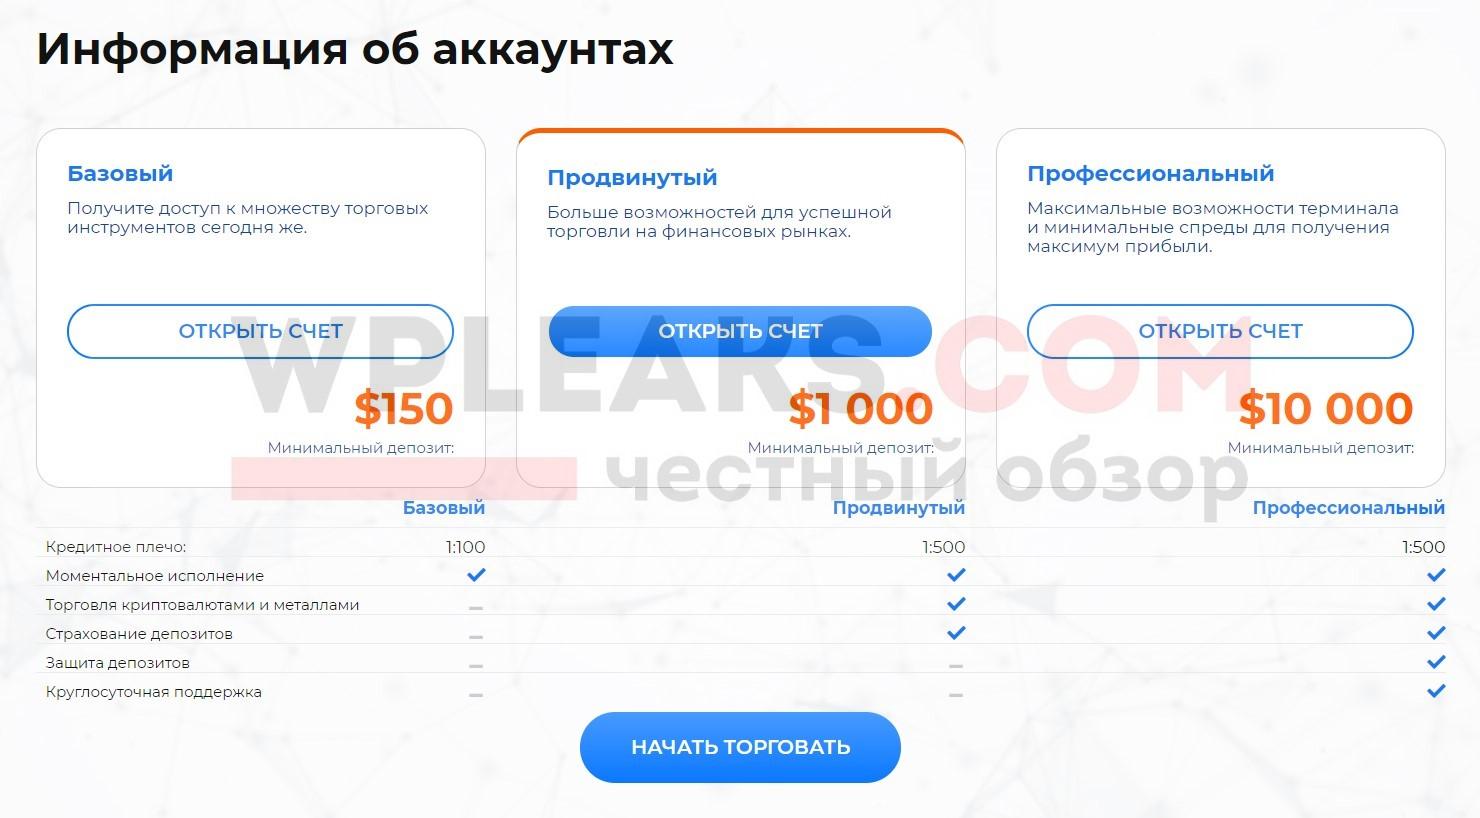 qunea.com вся правда